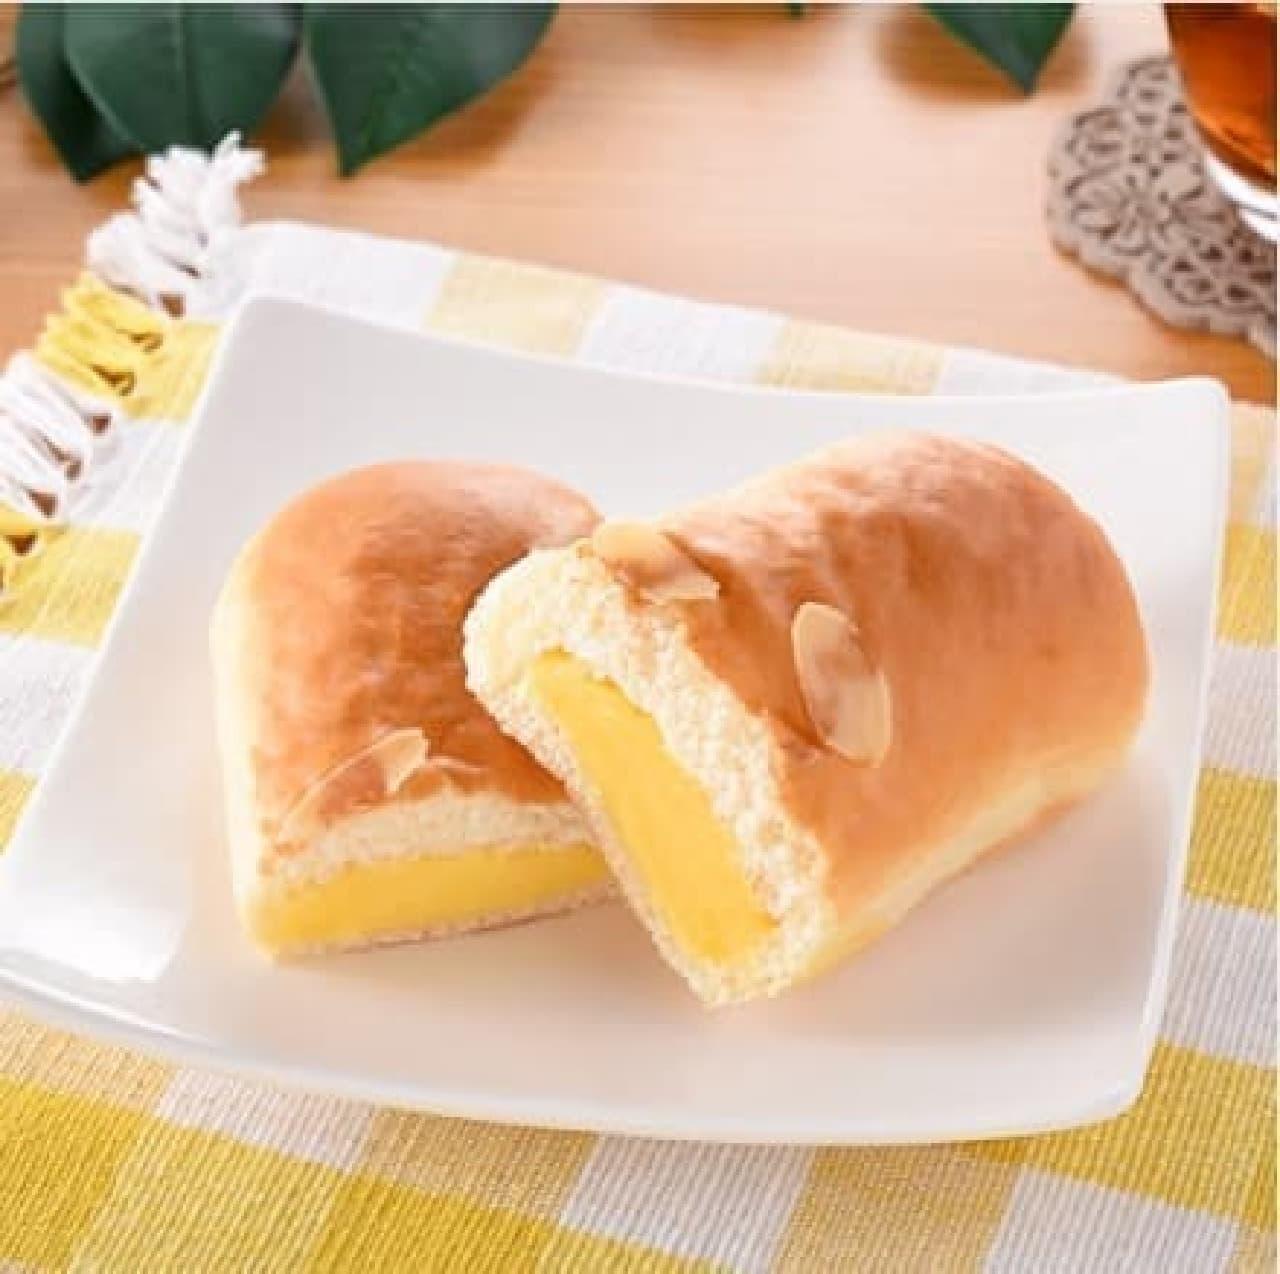 ファミリーマート「クリームを味わうクリームパン」